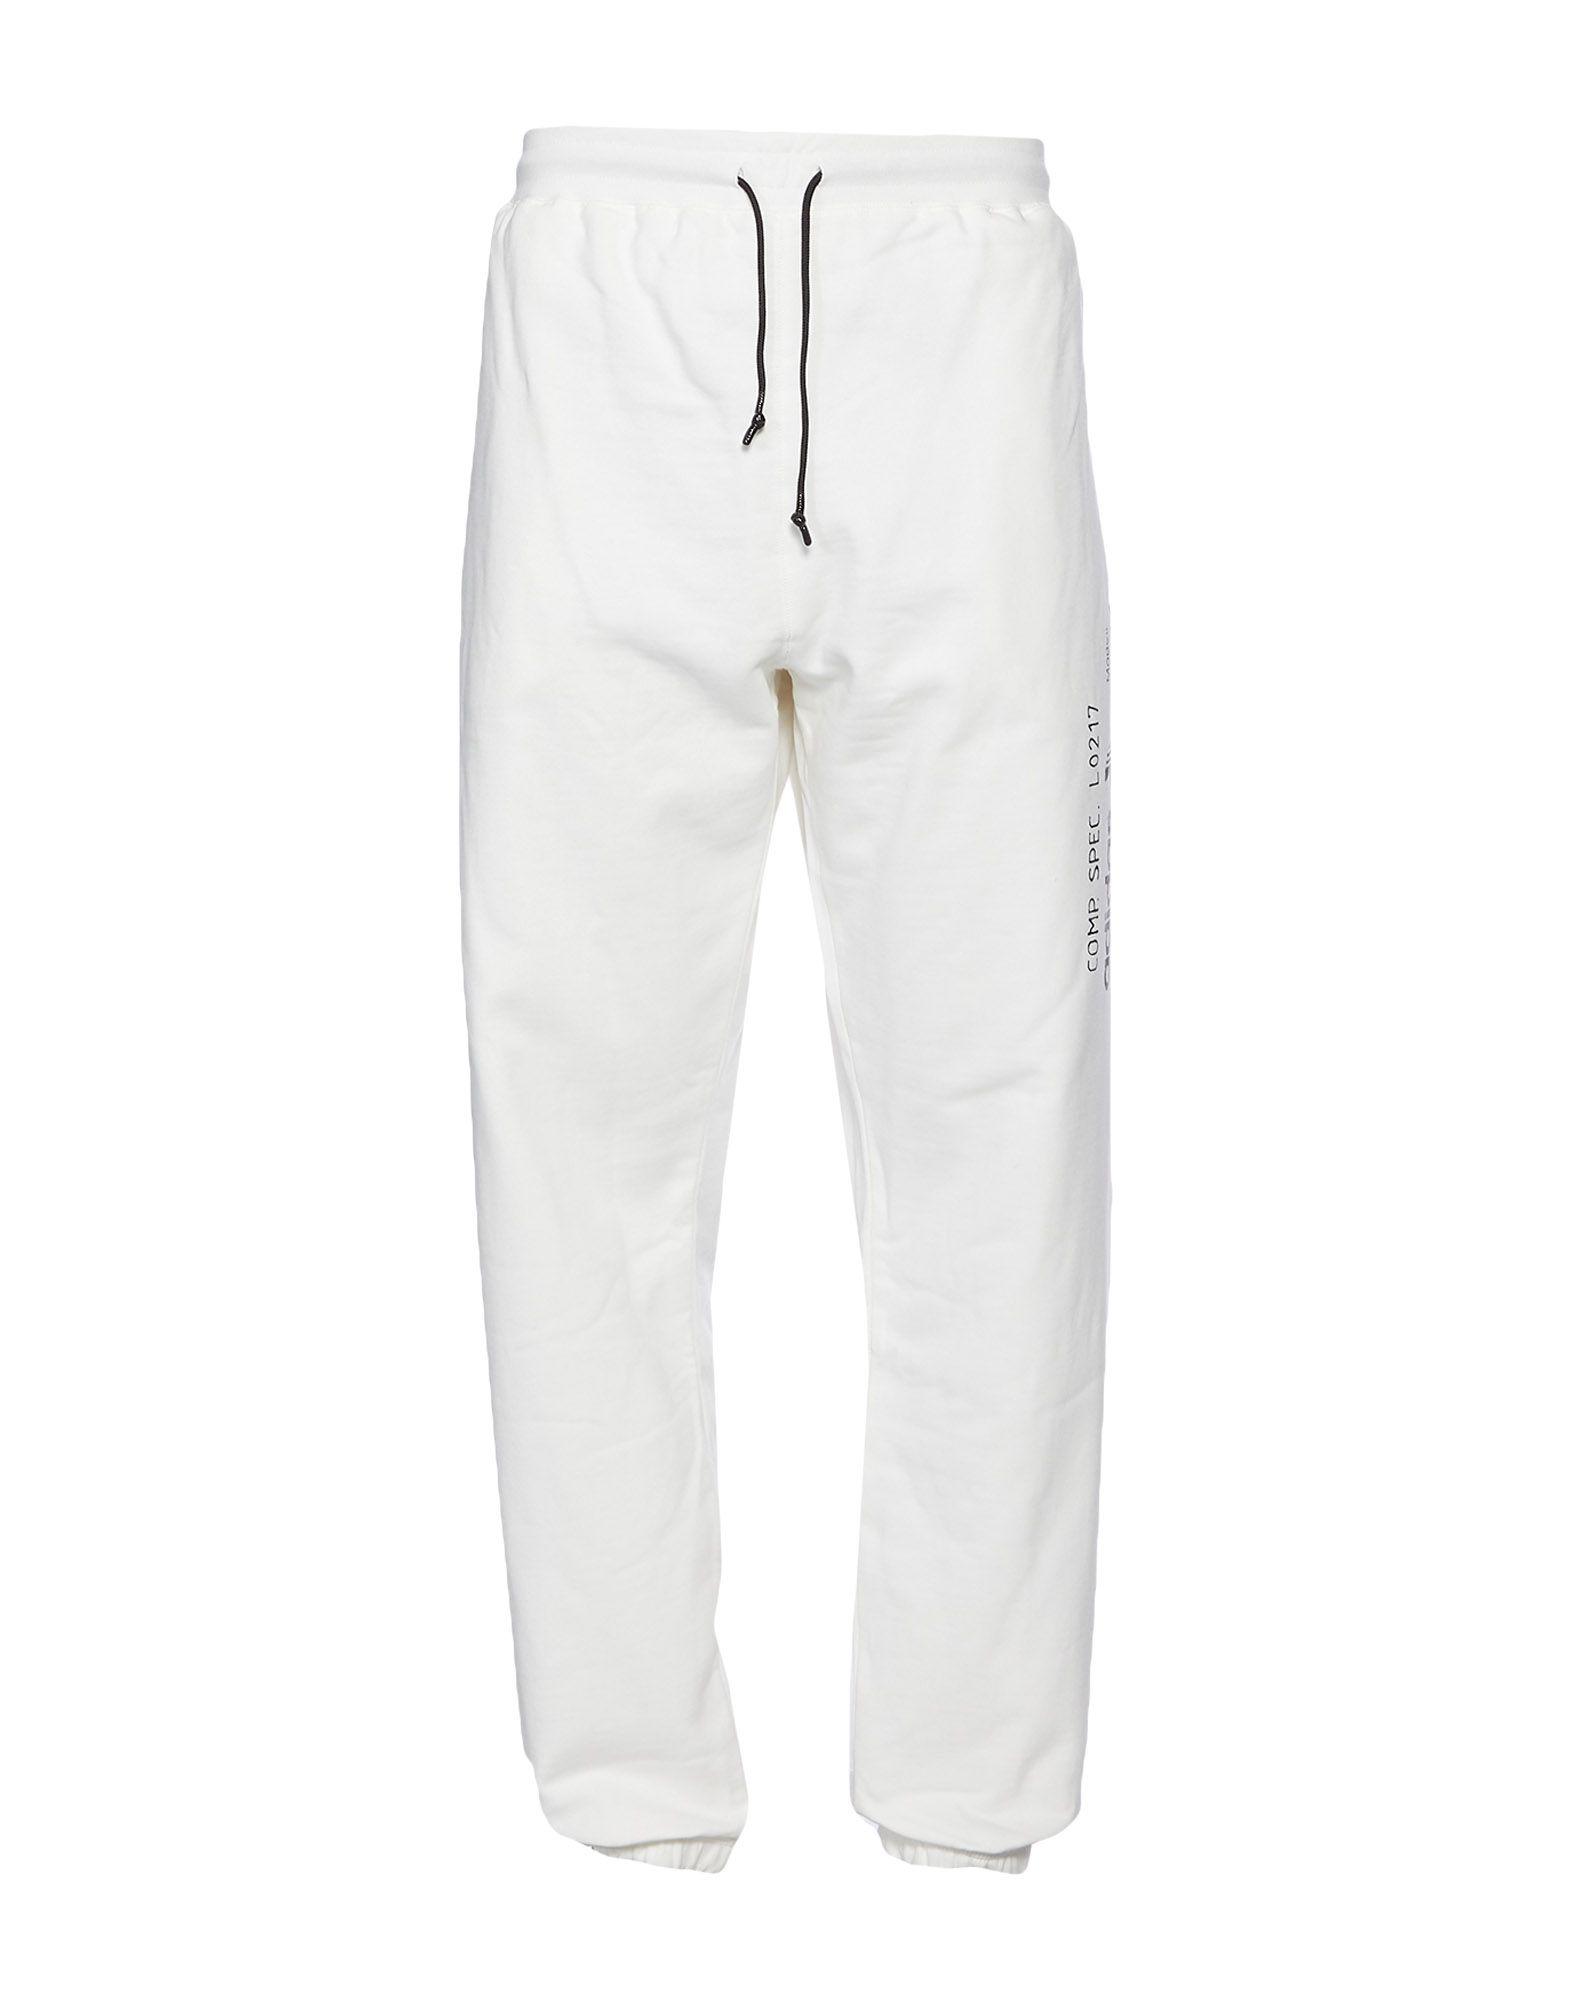 ADIDAS ORIGINALS by ALEXANDER WANG Повседневные брюки недорго, оригинальная цена